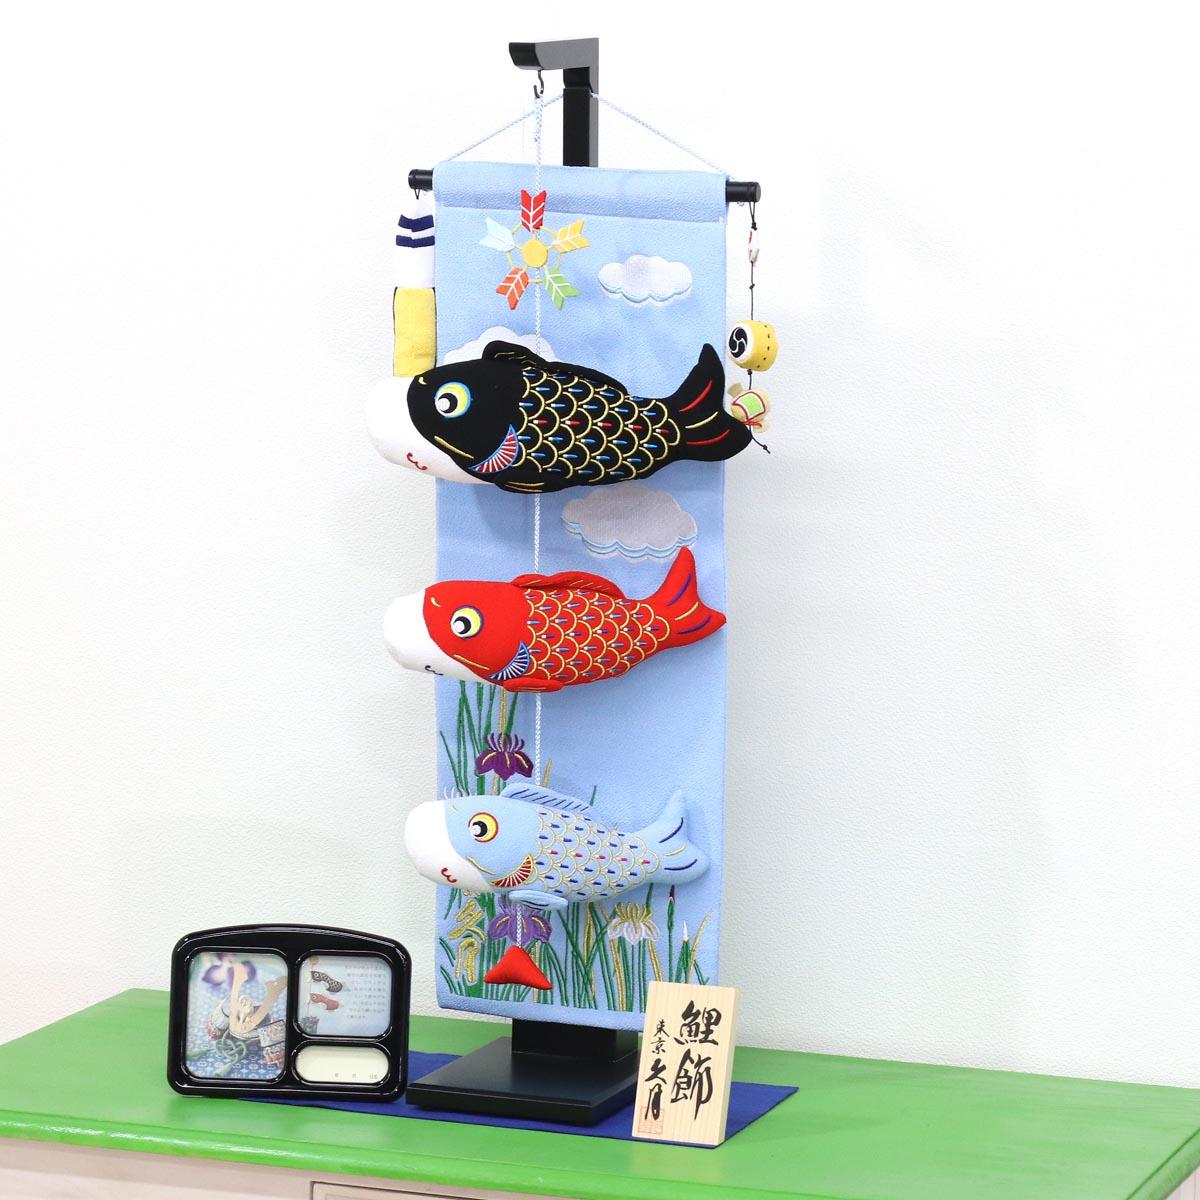 久月 室内 鯉のぼり タペストリー オルゴール付 TRS-Q-TAK-6送料無料 ※北海道 沖縄は除く おしゃれ で かわいい つるし飾り 吊るし飾り 室内用 こいのぼり で 端午の節句 こどもの日 のお祝いに